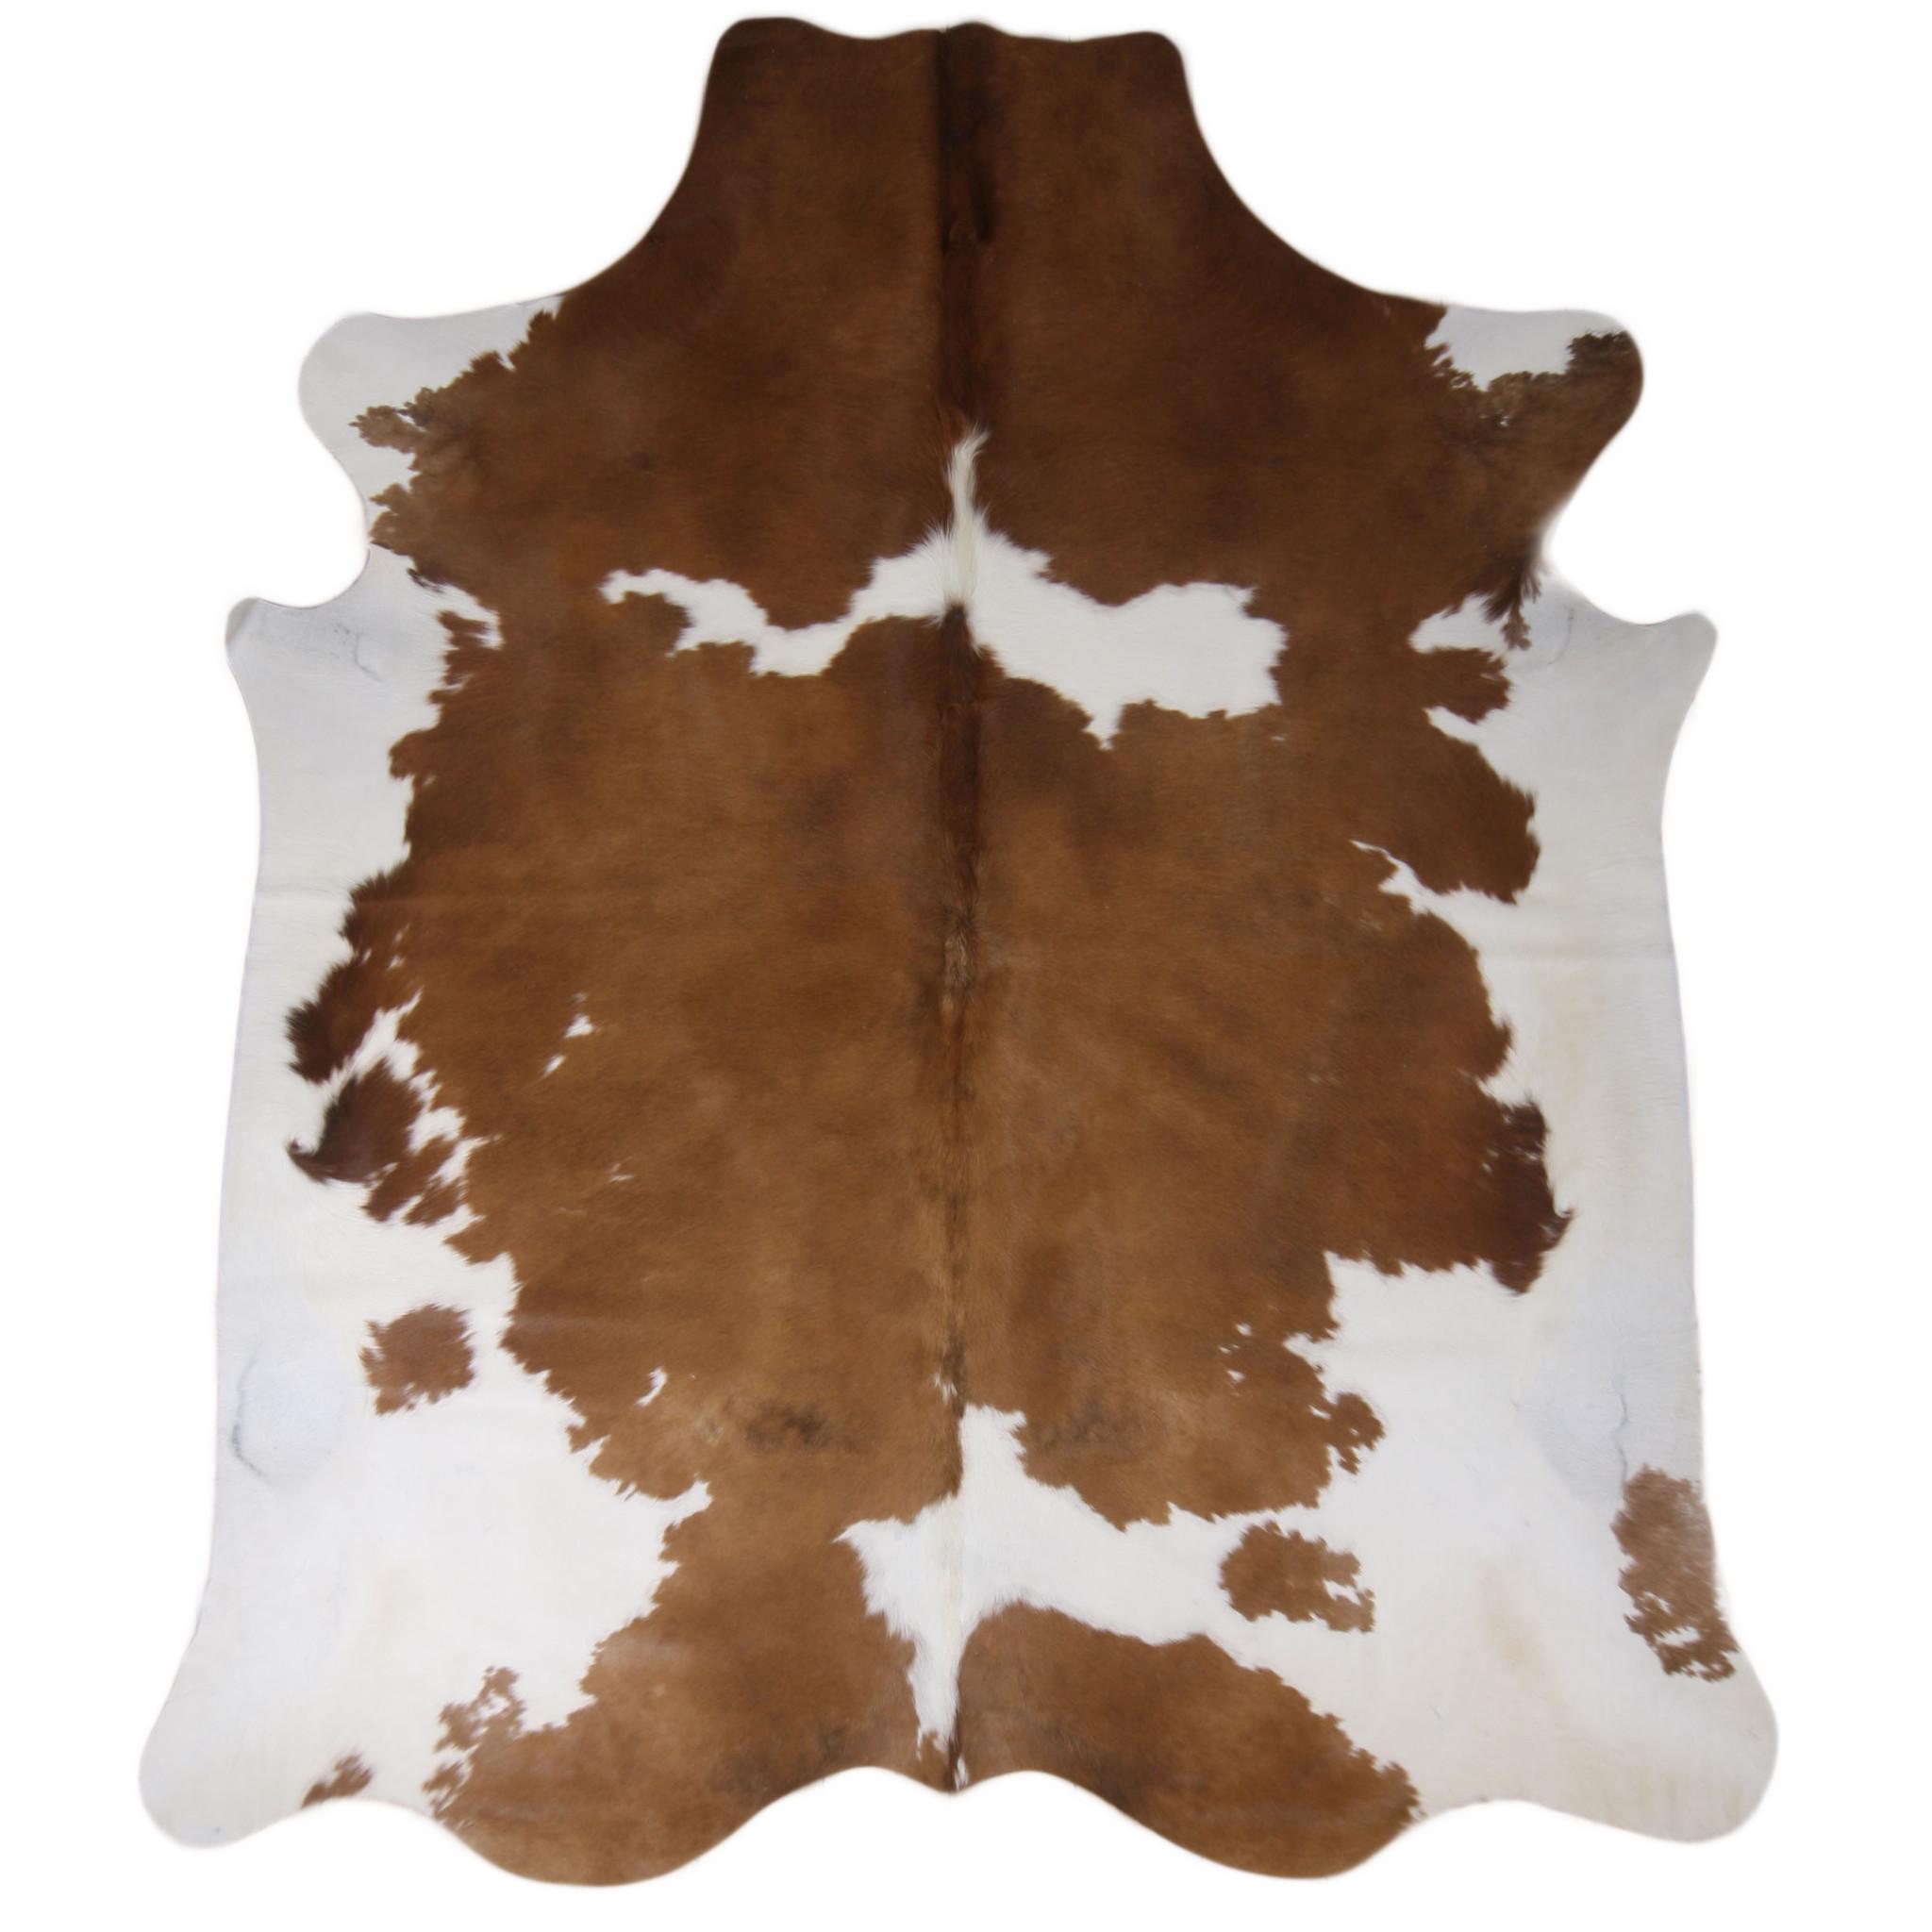 Van Buren Bruin wit koeienhuid vloerkleed